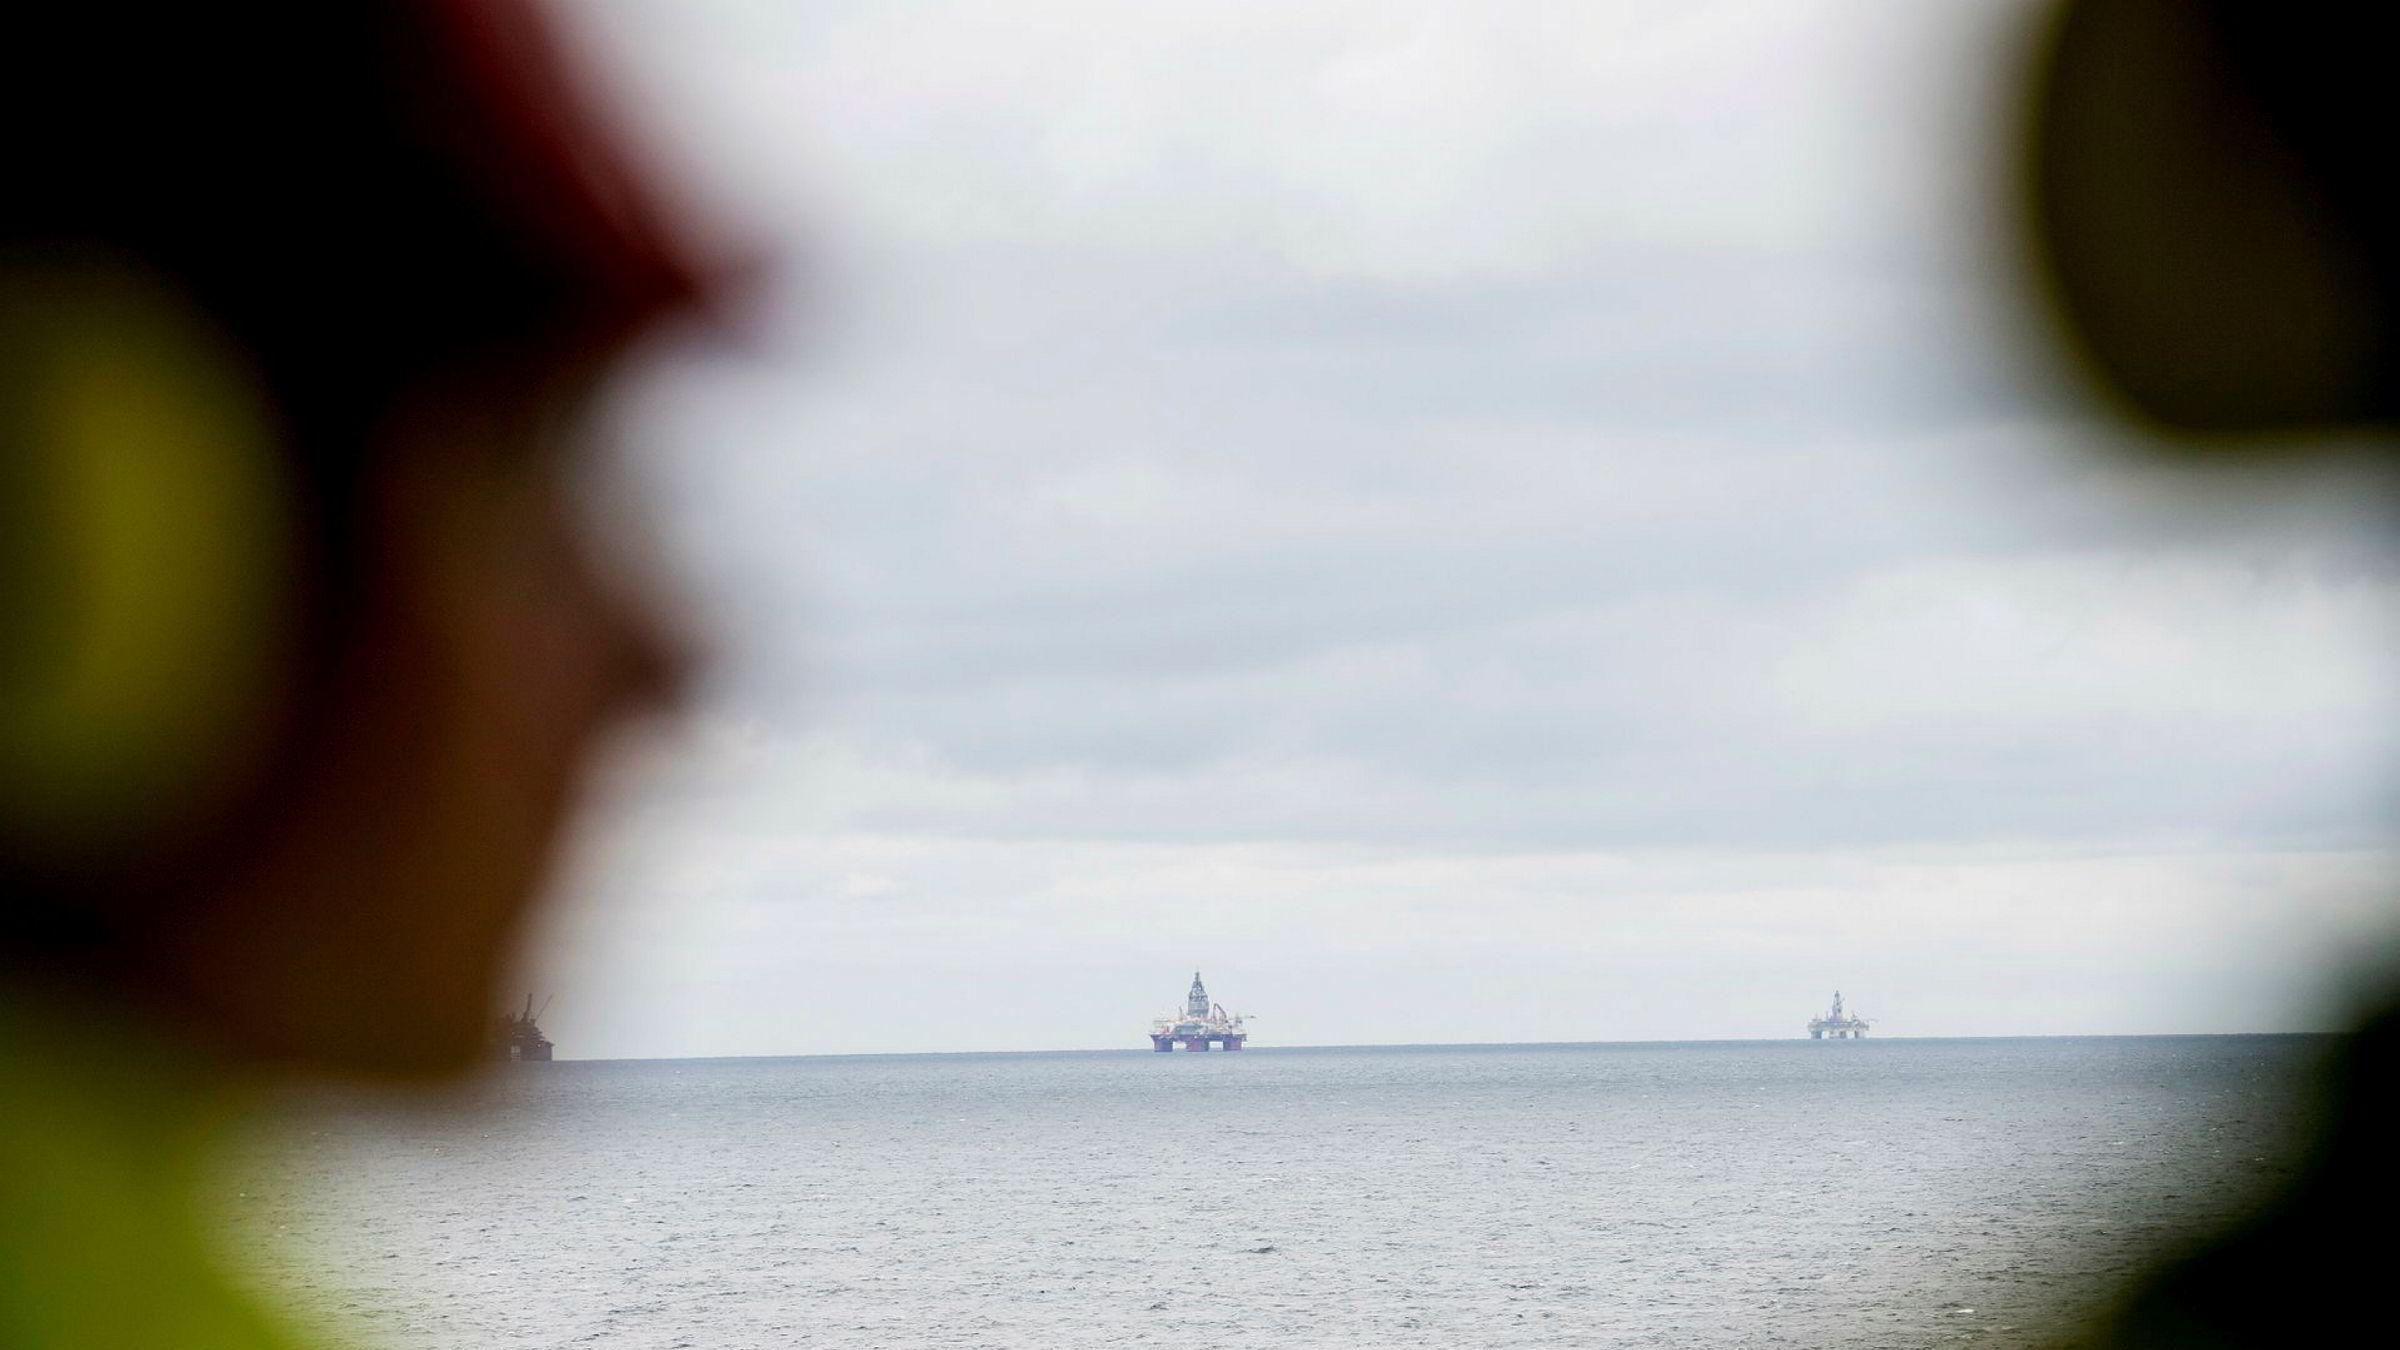 Equinors nye oljefunn er gjort kort unna Troll-feltet i Nordsjøen, som her er sett på bildet.